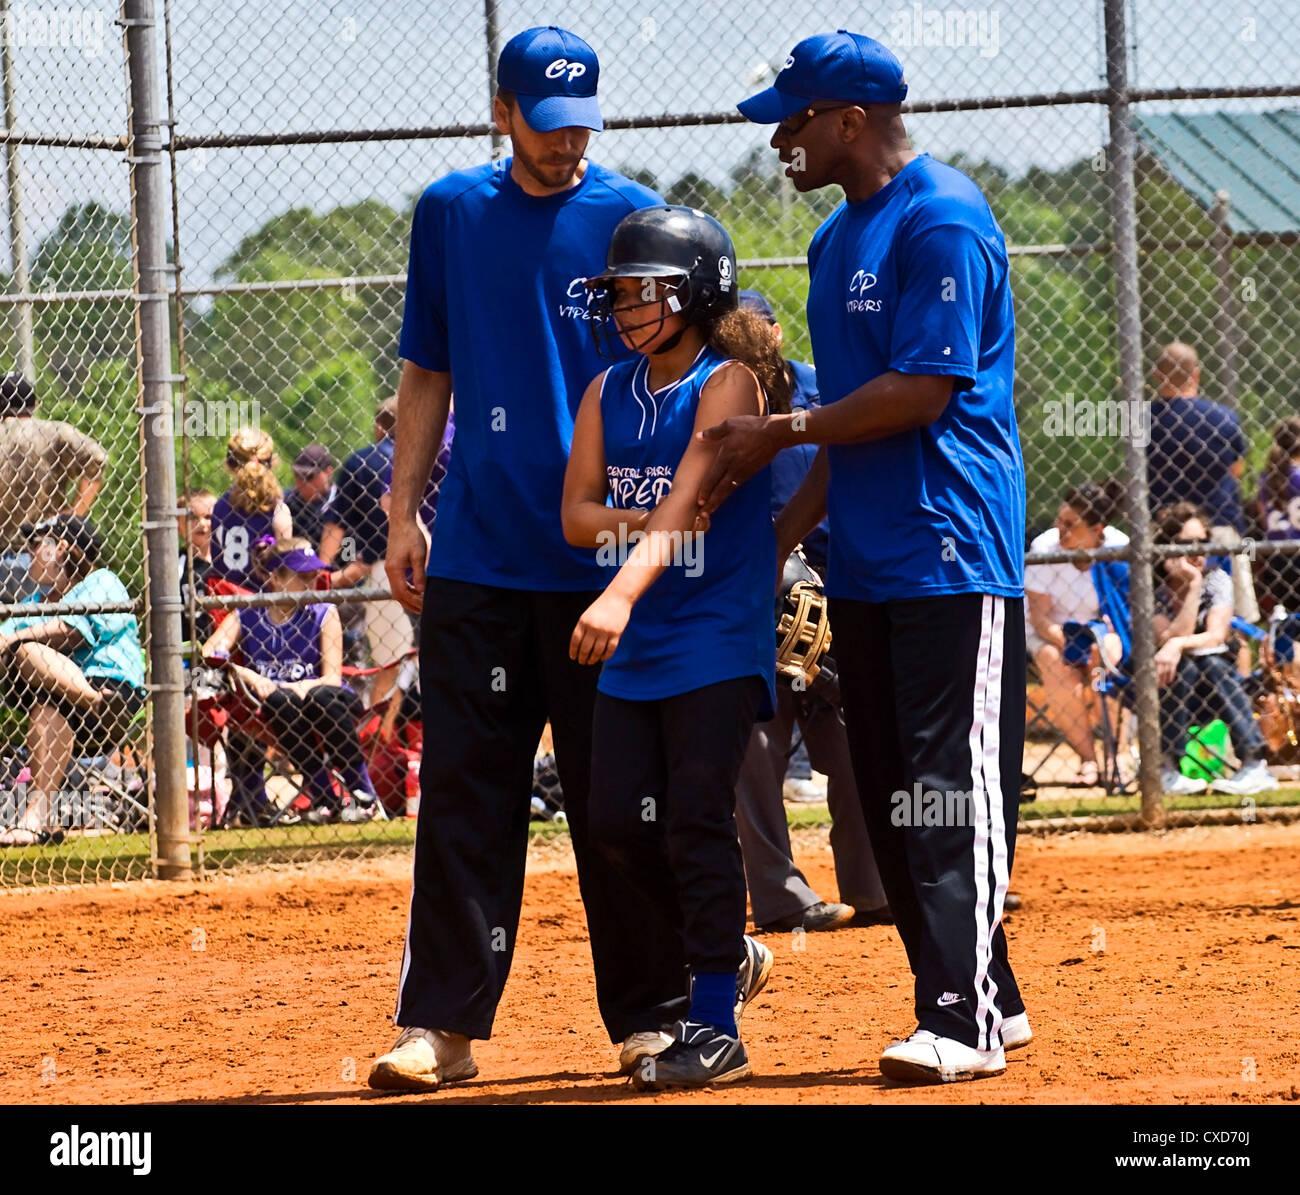 Jeune joueur de baseball étant pris en charge par les entraîneurs après une blessure. Photo Stock